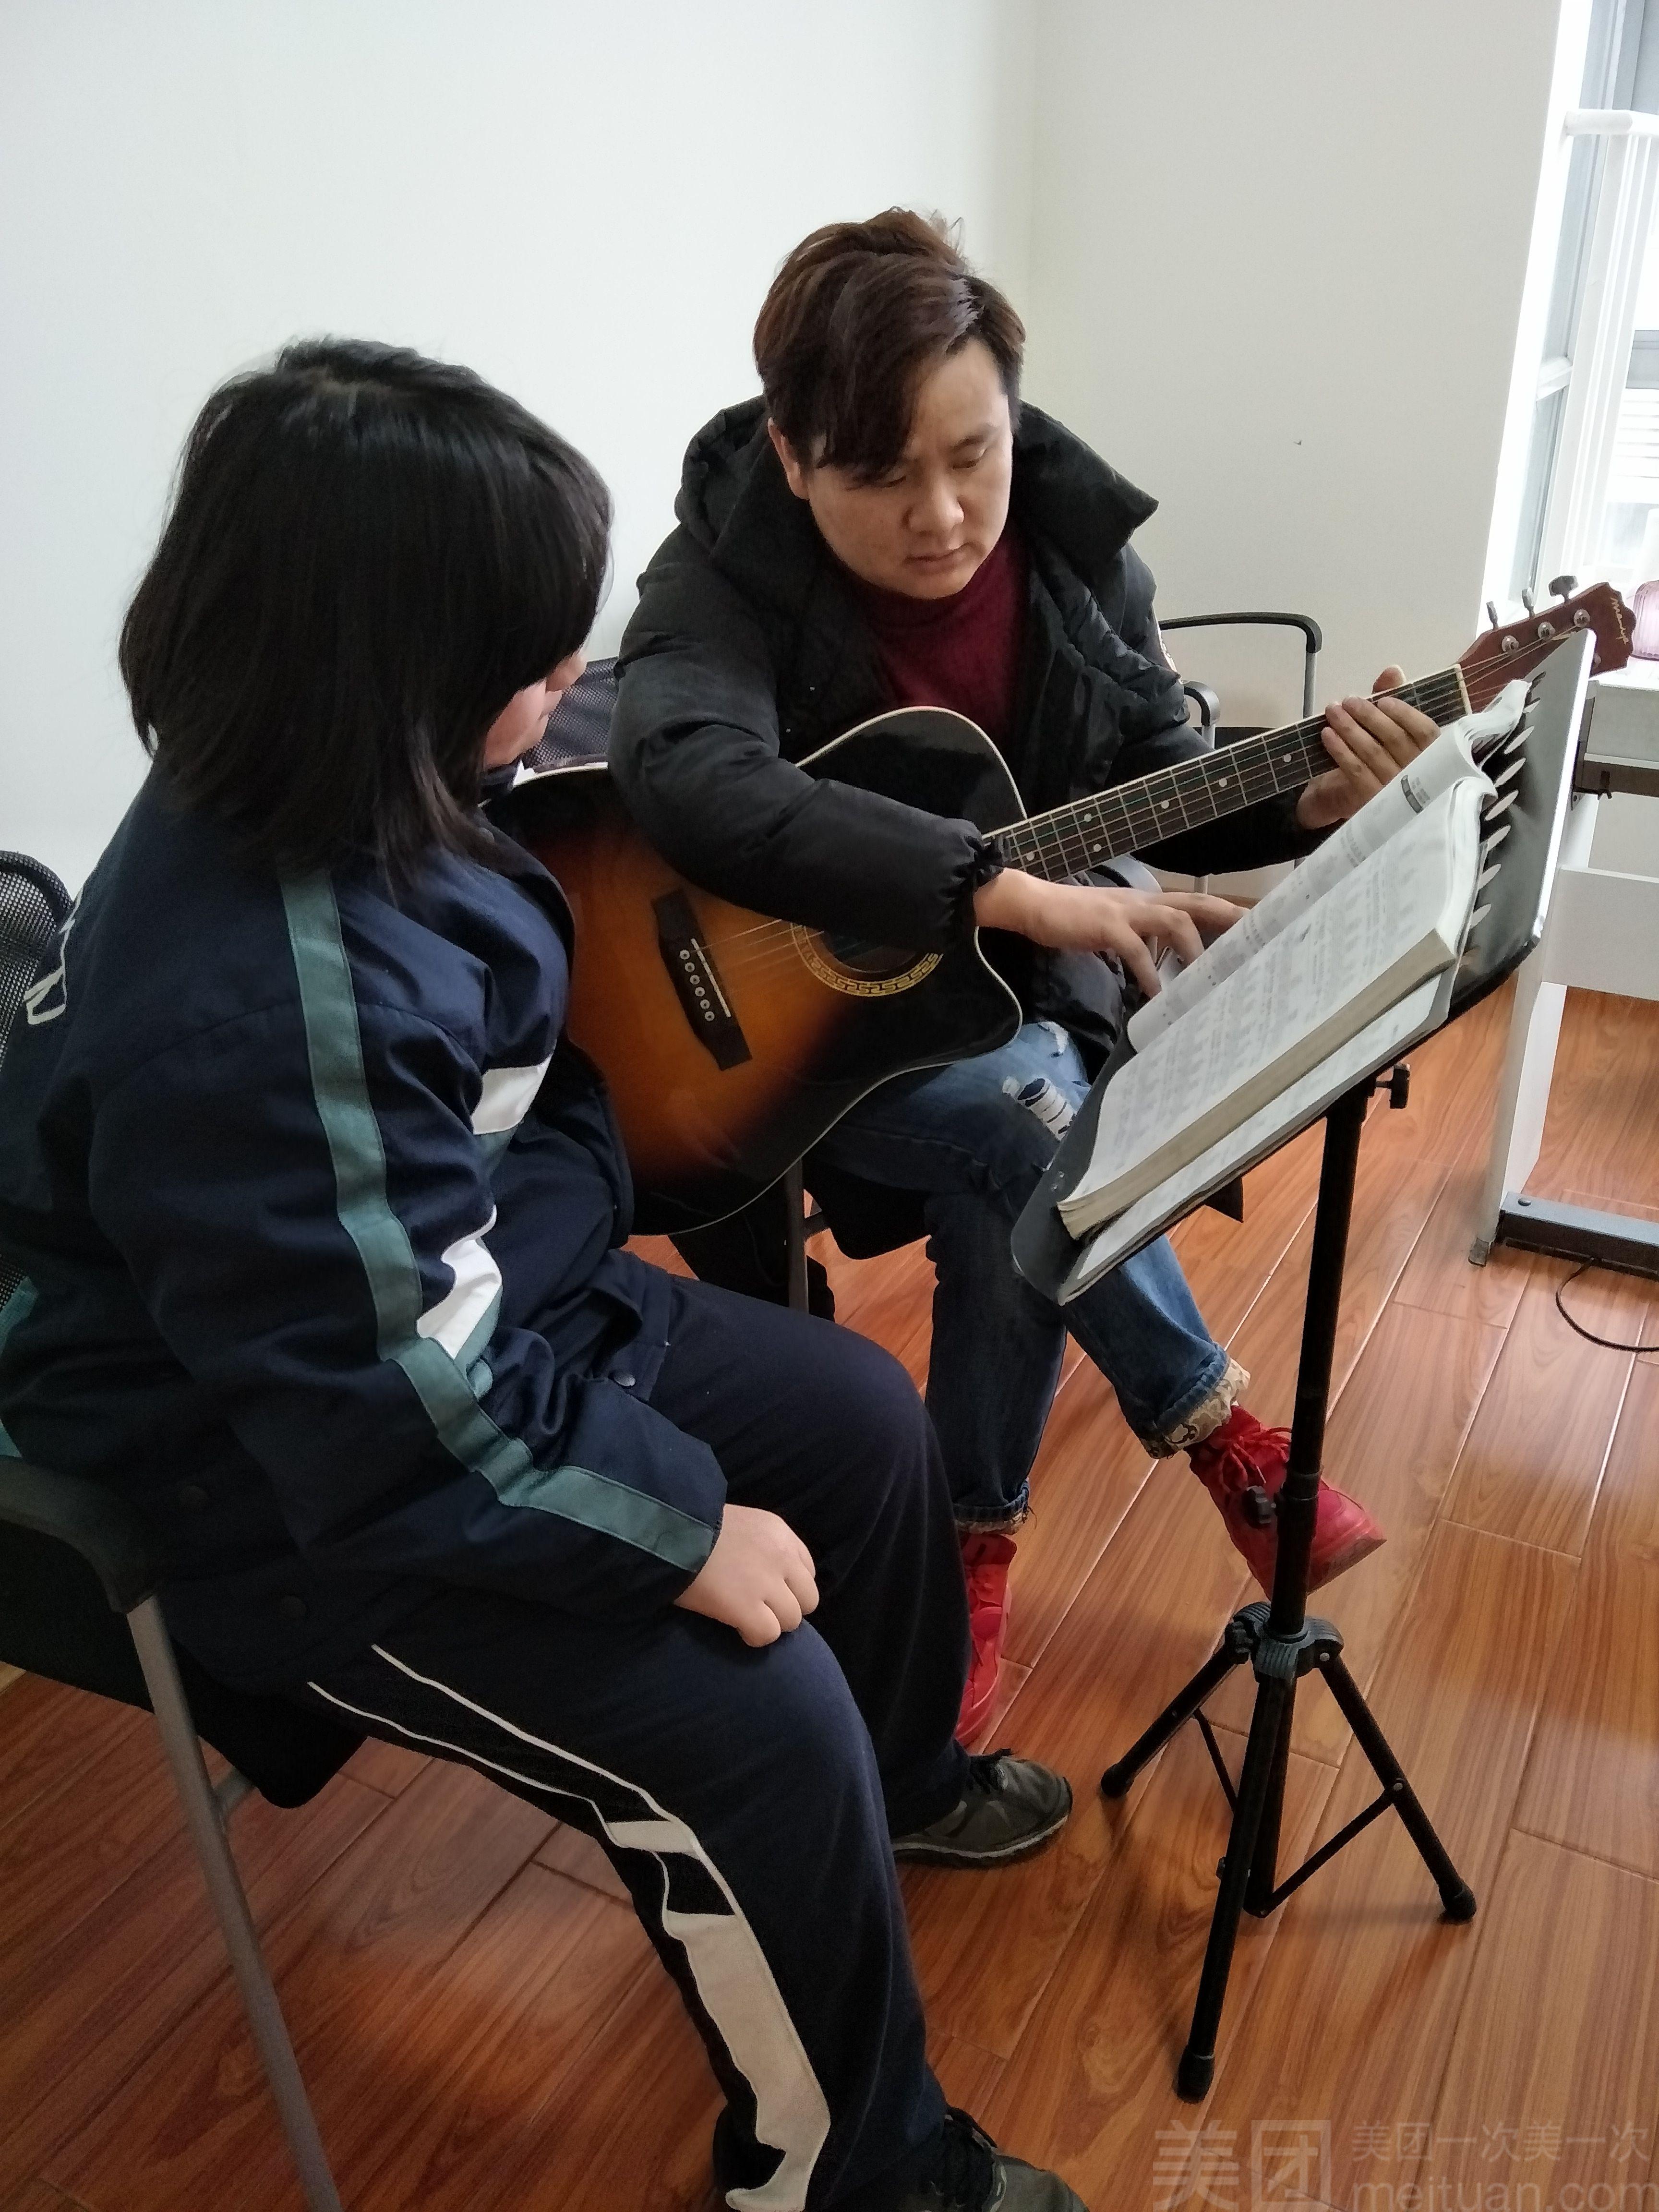 :长沙今日团购:【乐森音乐唱歌培训】暑假(吉他)集体课火热开班中